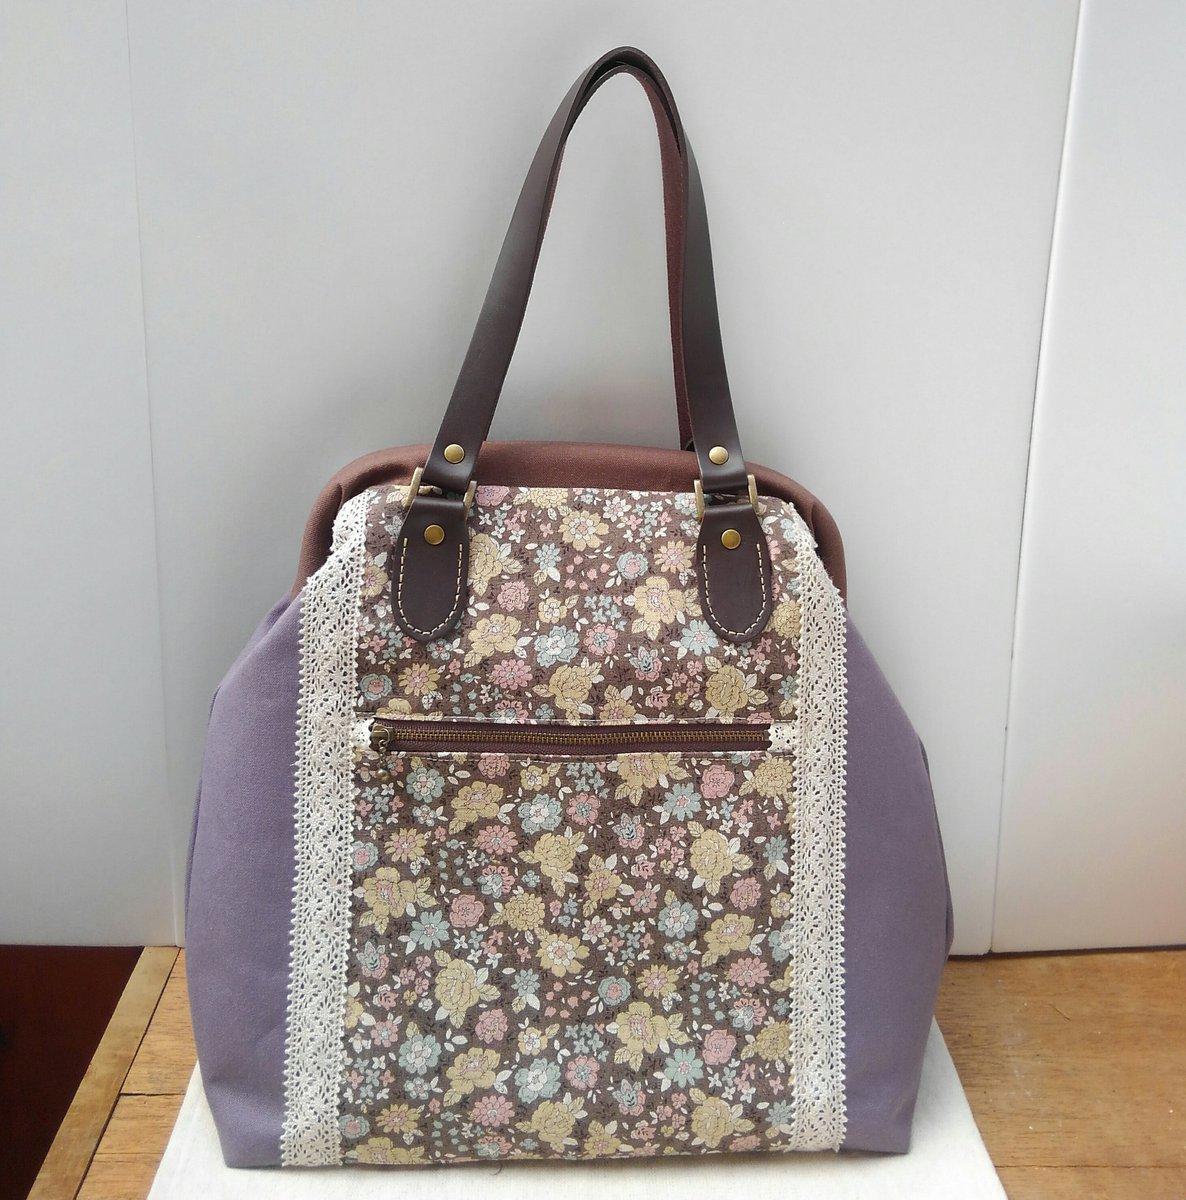 グレーパープルにブラウンを合わせた大人っぽいイメージのバッグです。